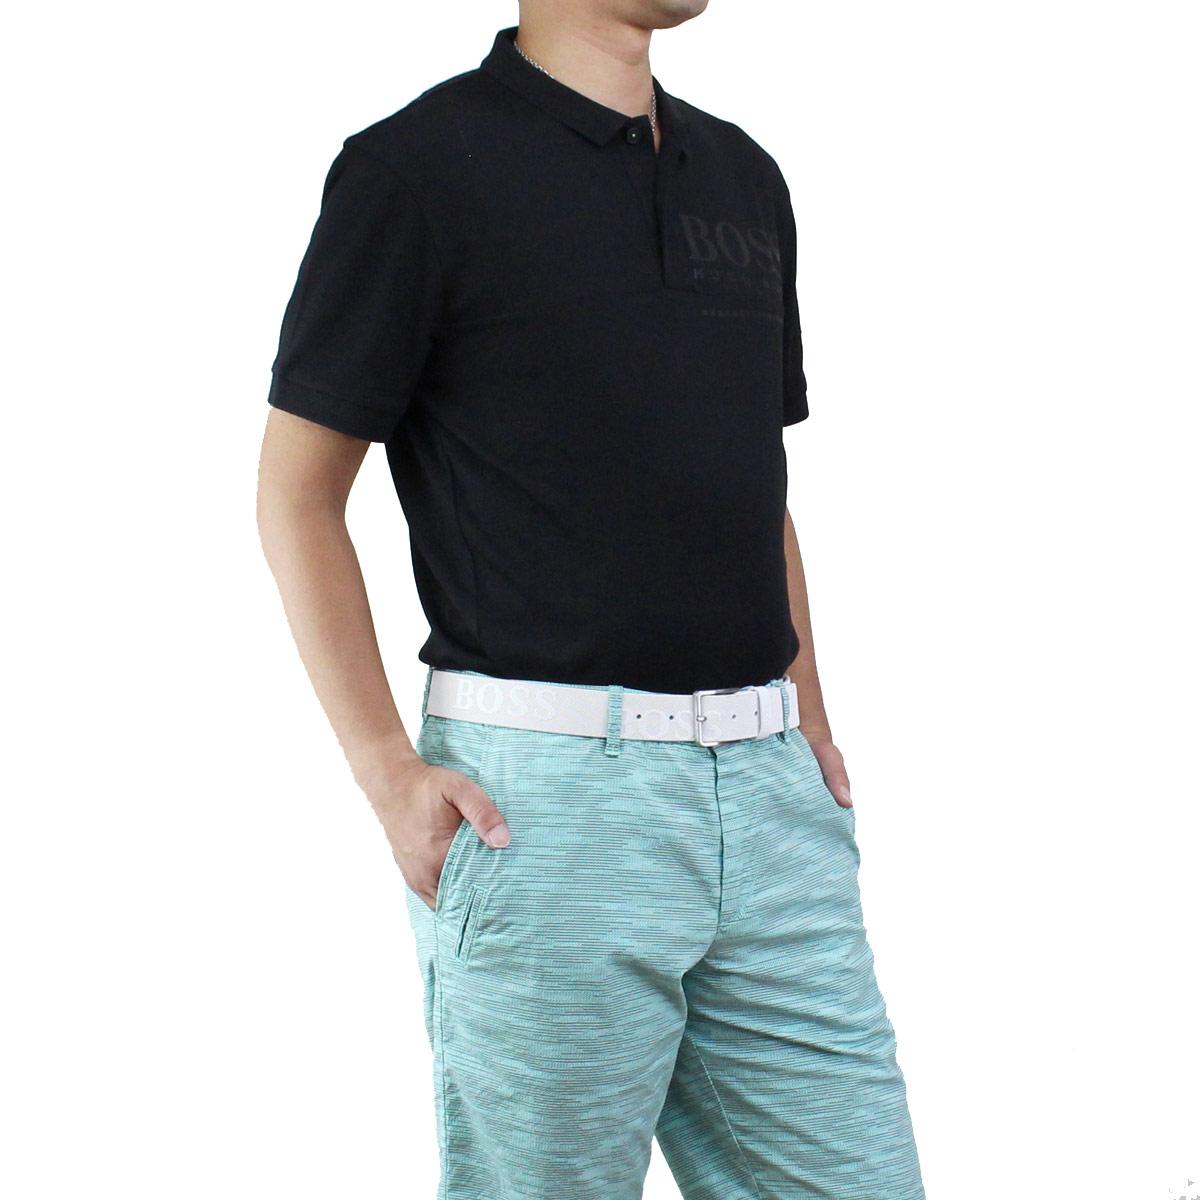 8cf612638 Bighit The total brand wholesale: Entering Hugo Boss HUGO BOSS PL-TECH men  logo polo shirt short sleeves golf wear 50399317 10208645 001 black |  Rakuten ...